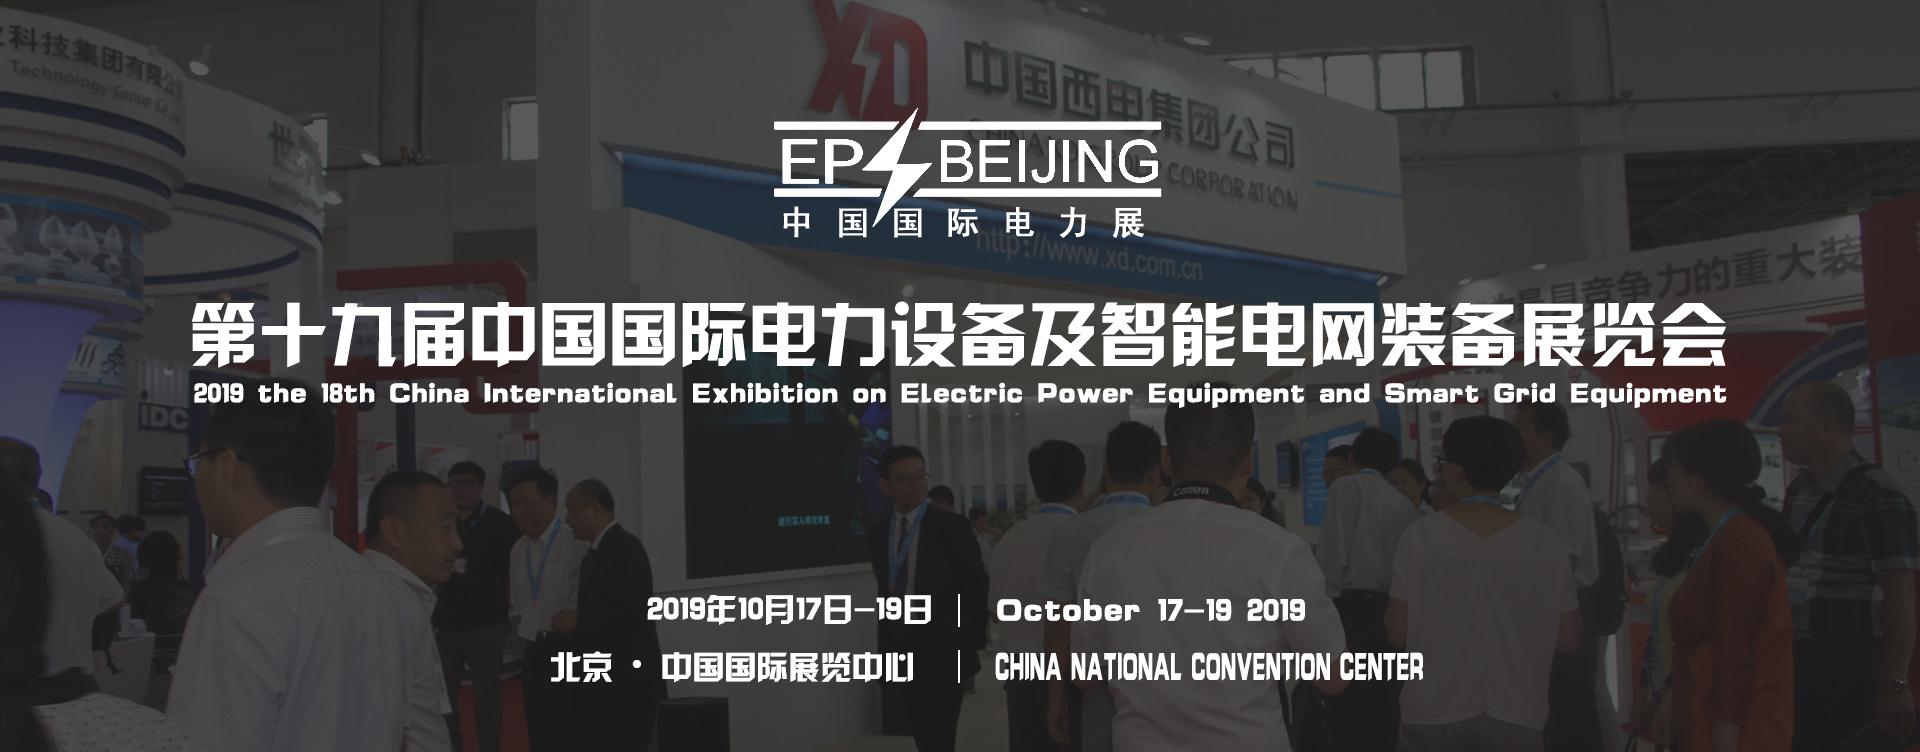 2019第十九届中国国际智能电网装备及电力设备展览会